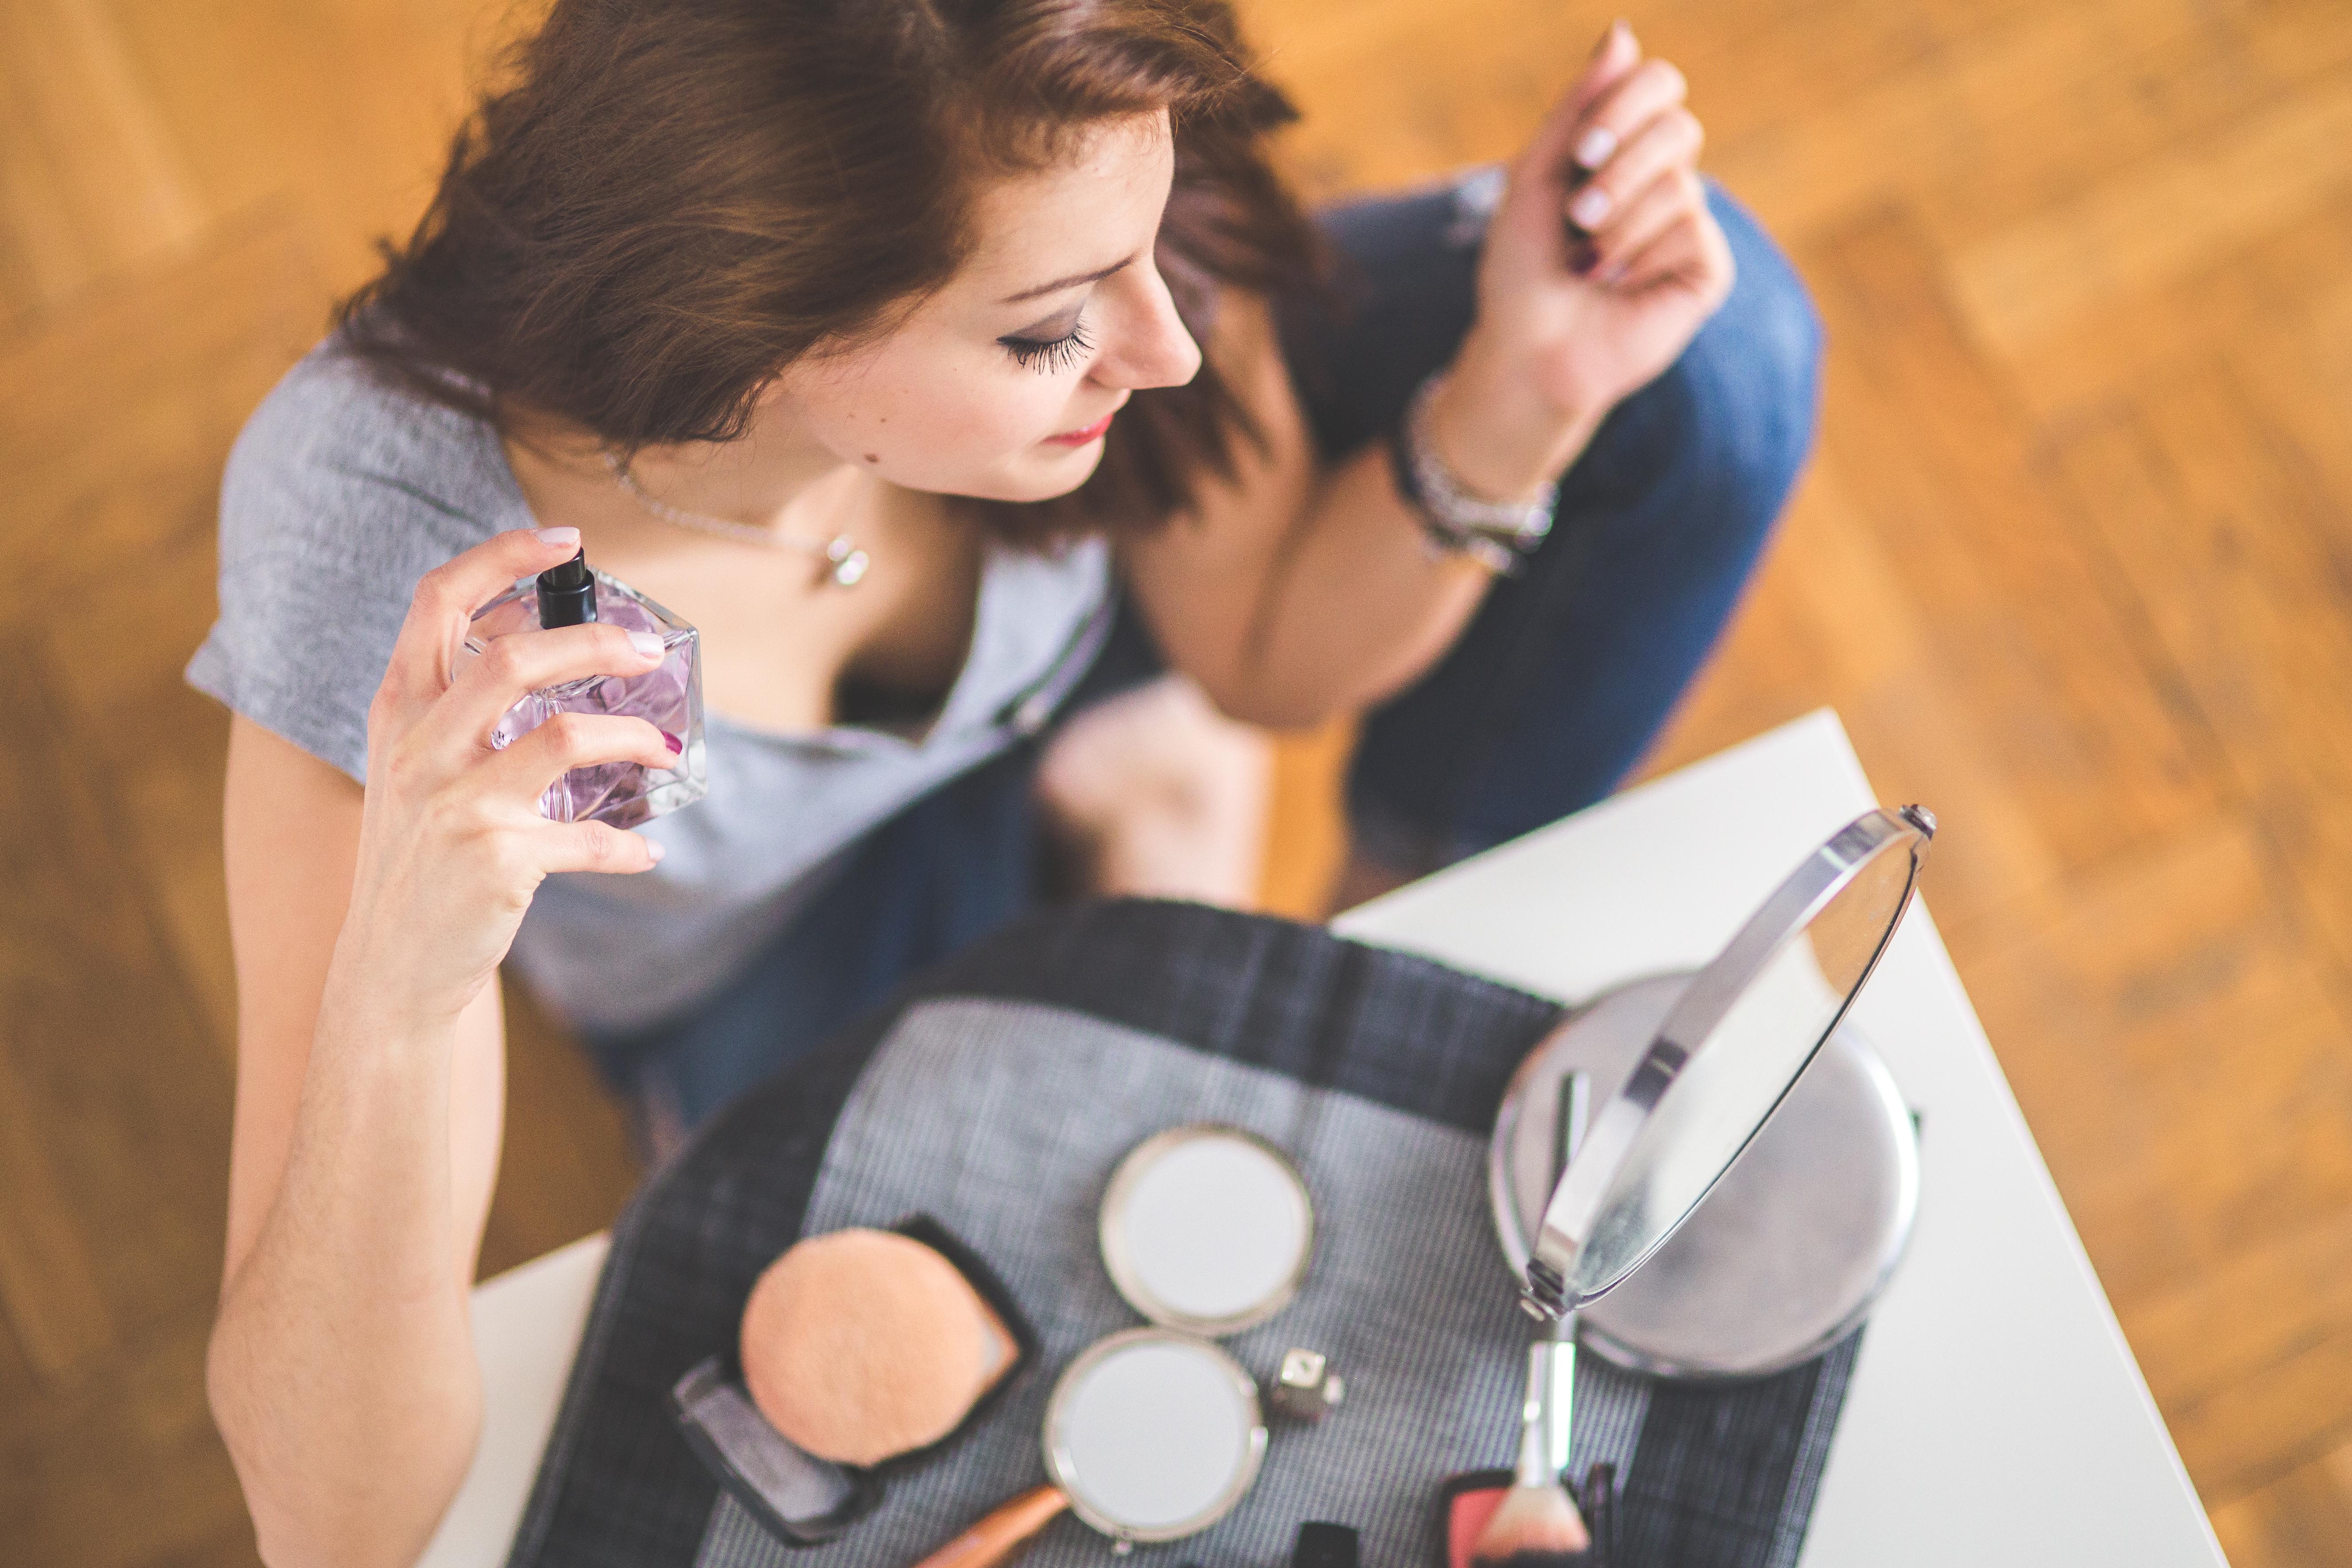 se maquiller l'ete, se maquiller waterproof, se maquiller quand il fait chaud, chaleur maquillage